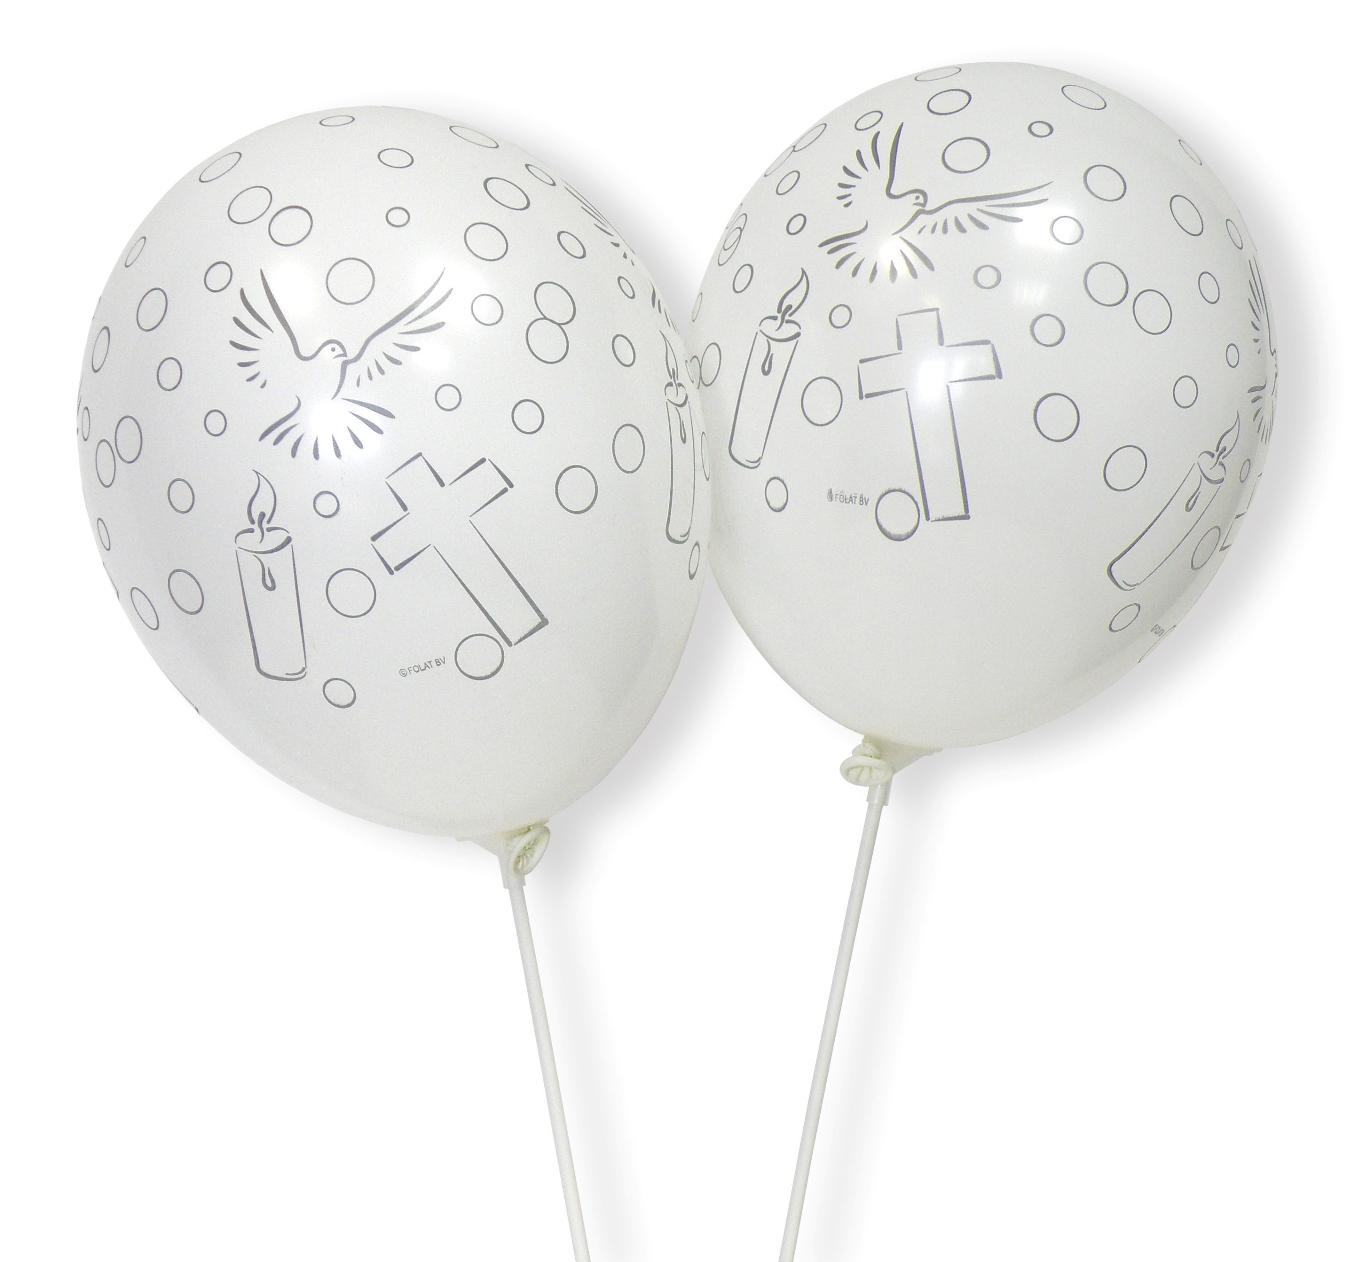 8 Luftballons Kommunion/Hochzeit/Taufe  63474